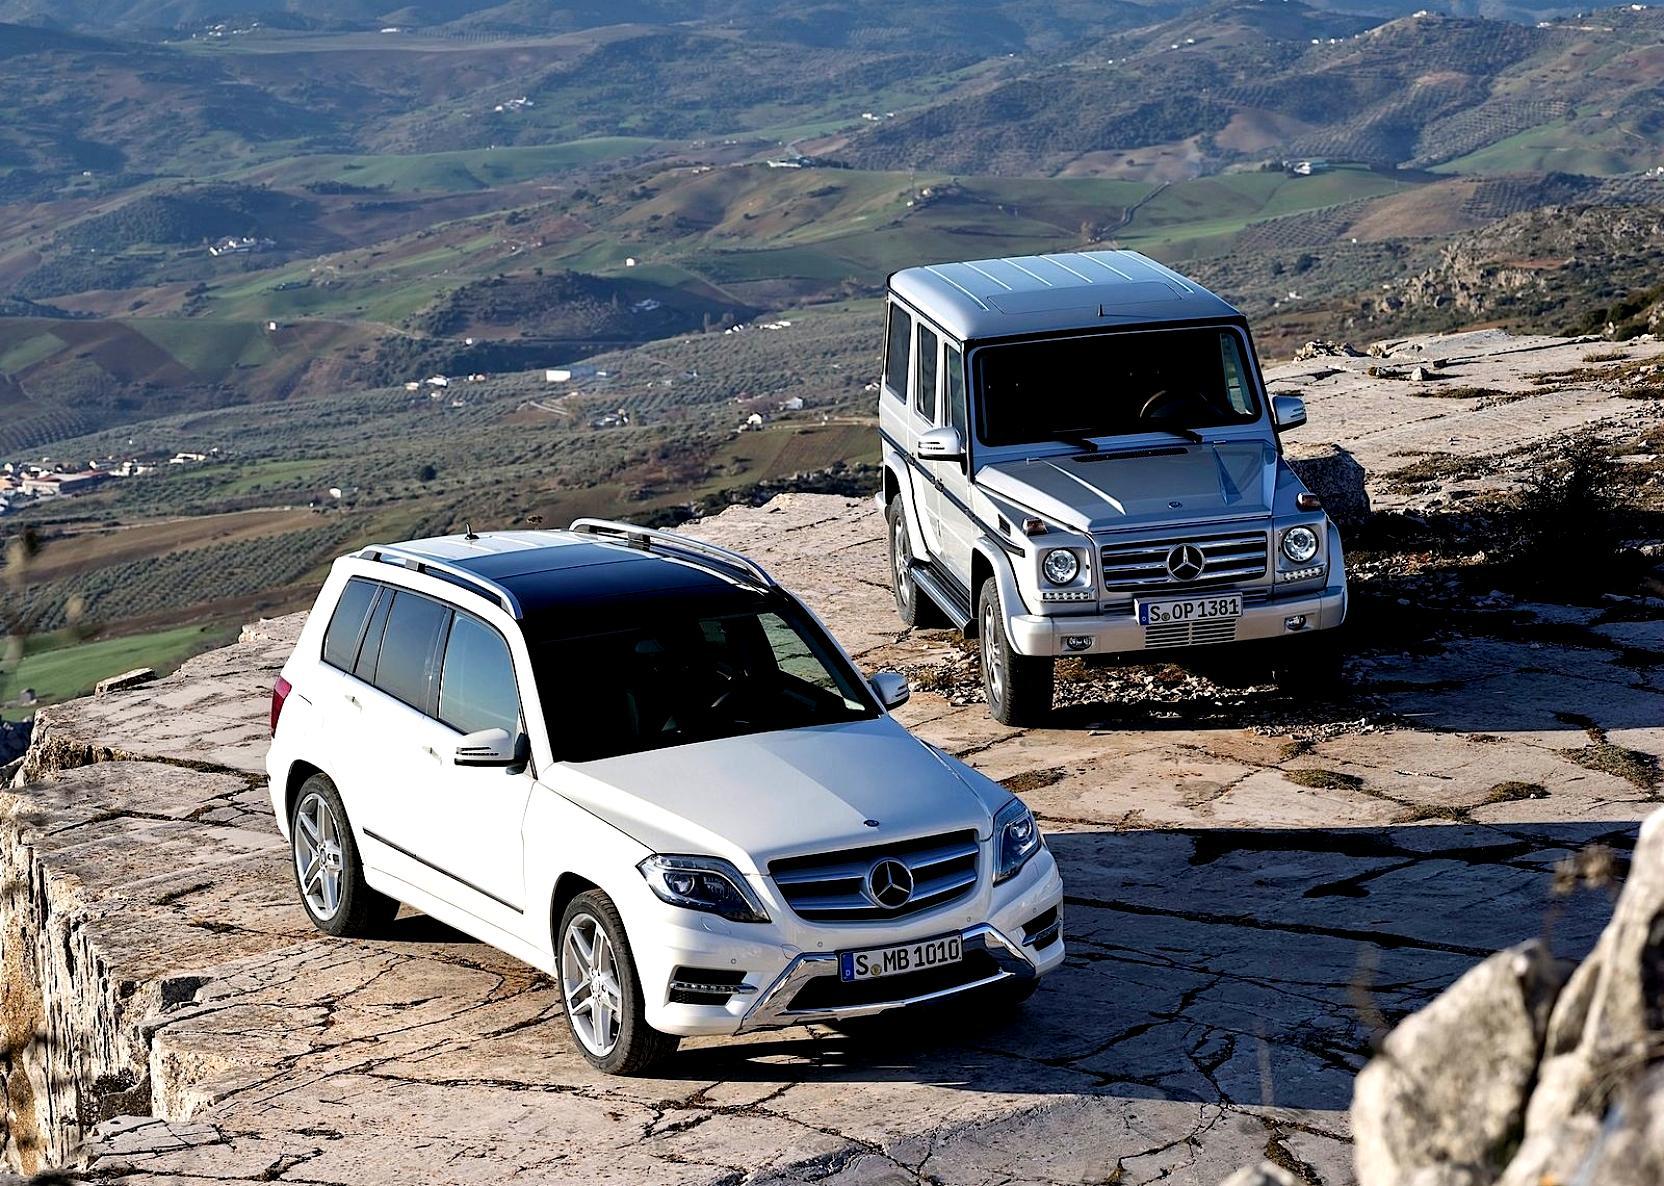 Mercedes benz diesel glk klasse x204 original standheizung for Mercedes benz glk consumer reports